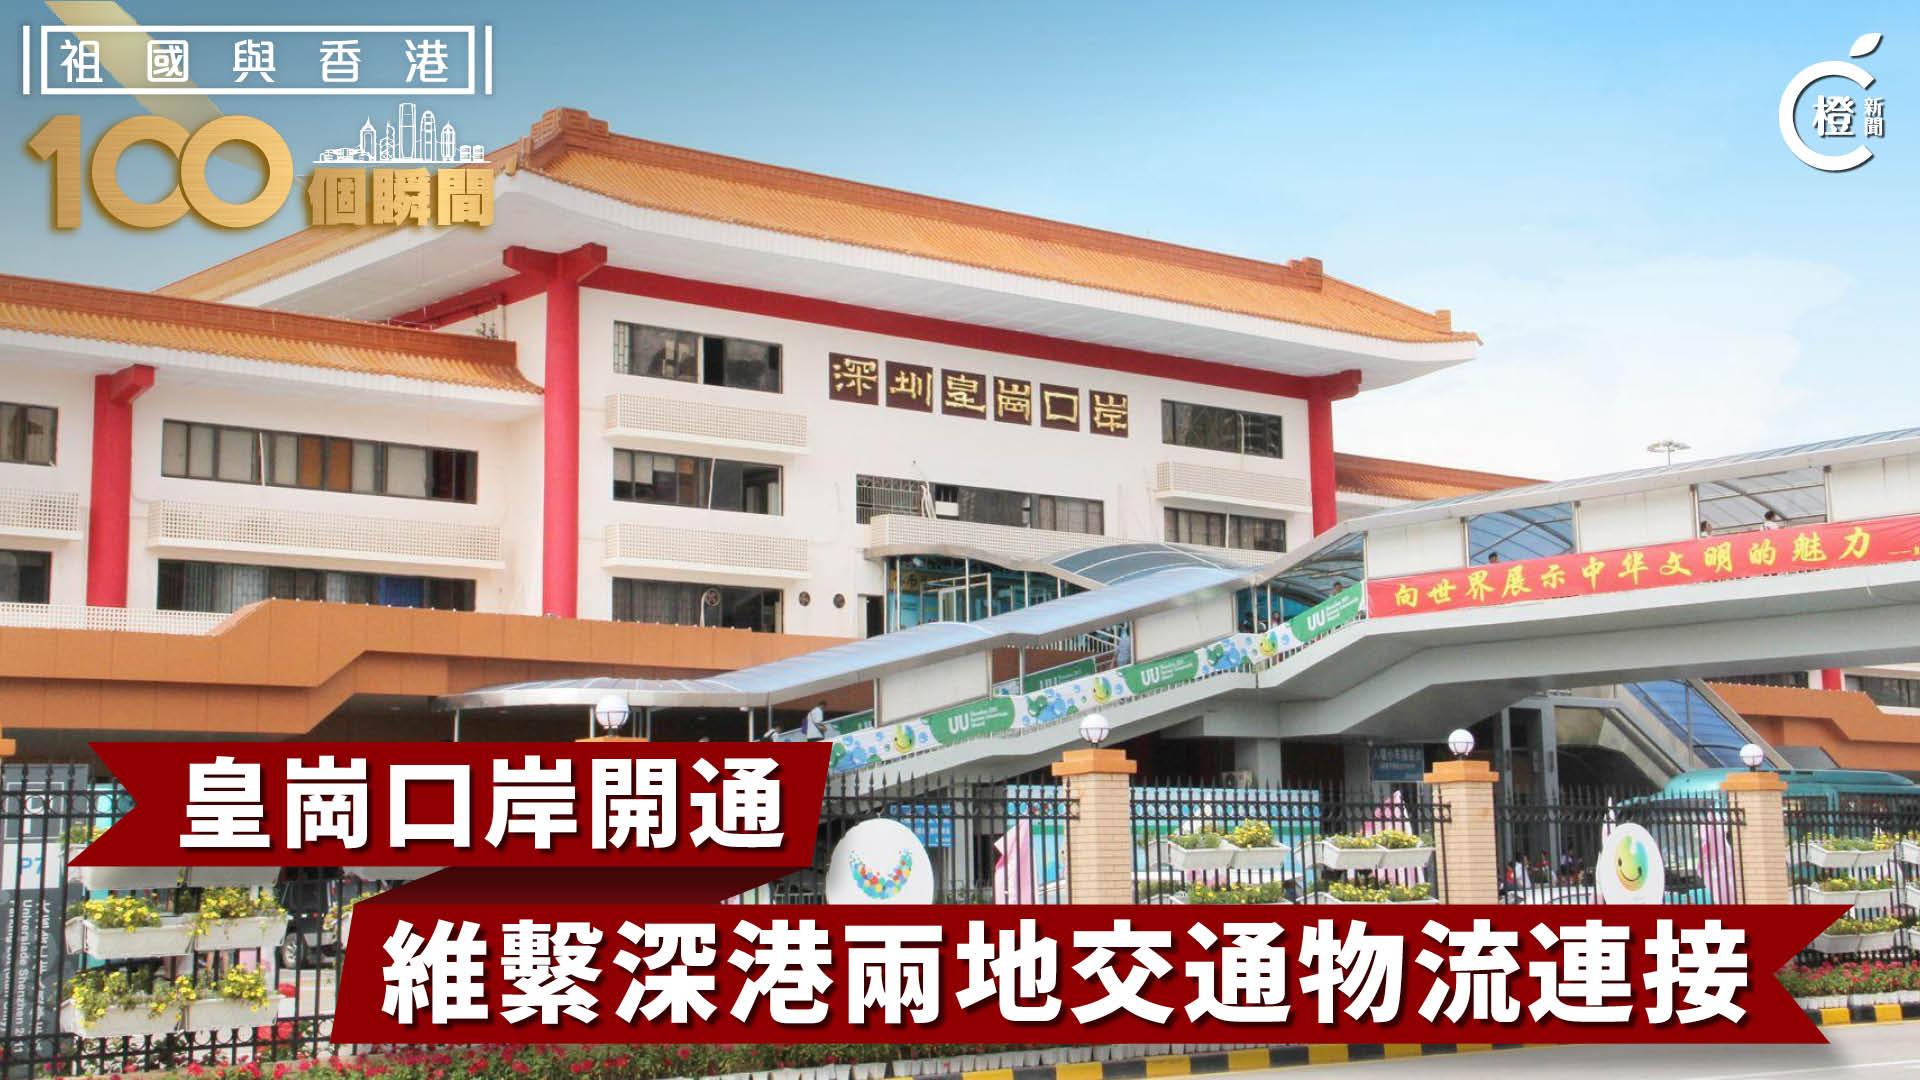 【祖國與香港100個瞬間】皇崗口岸開通 維繫深港兩地交通物流連接